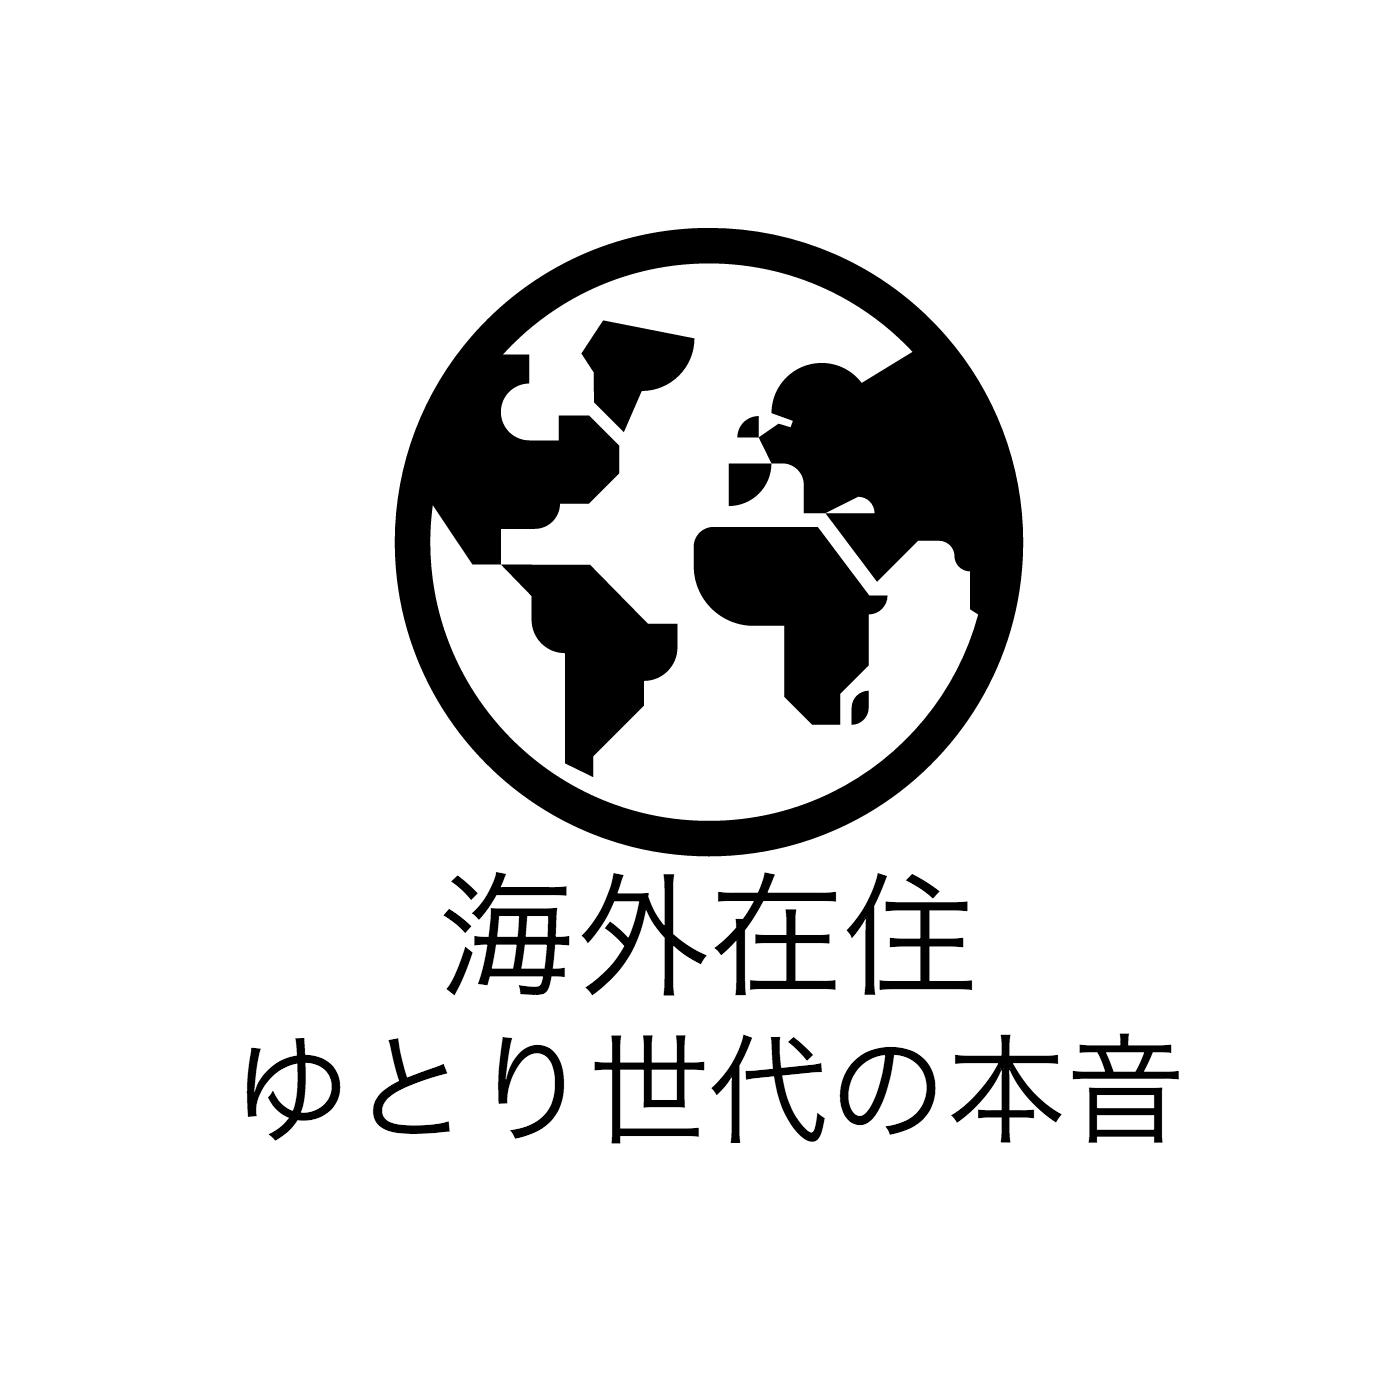 【旧】海外在住ゆとり世代の本音